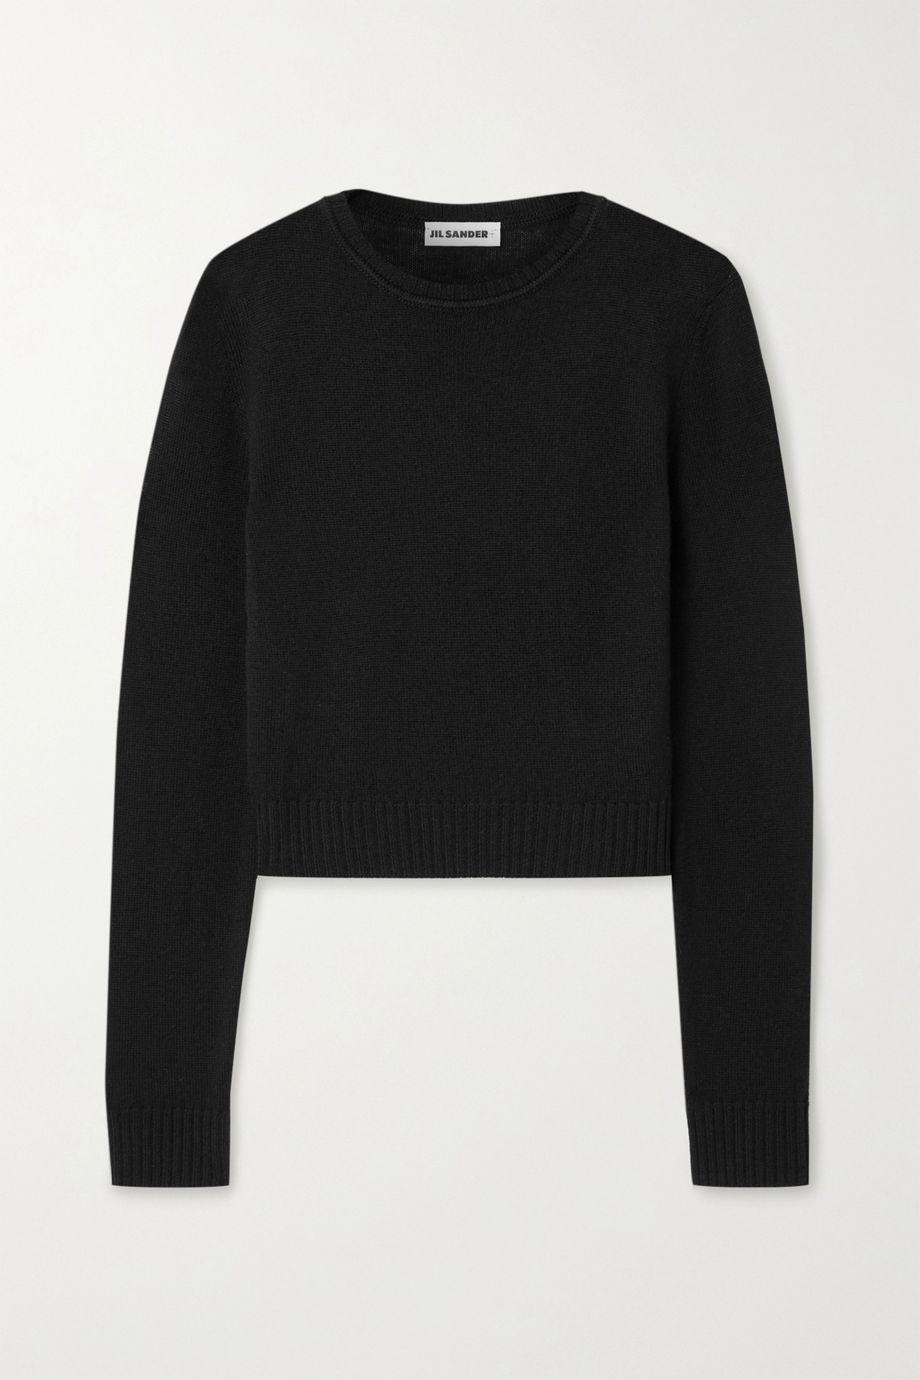 Jil Sander Cropped wool sweater